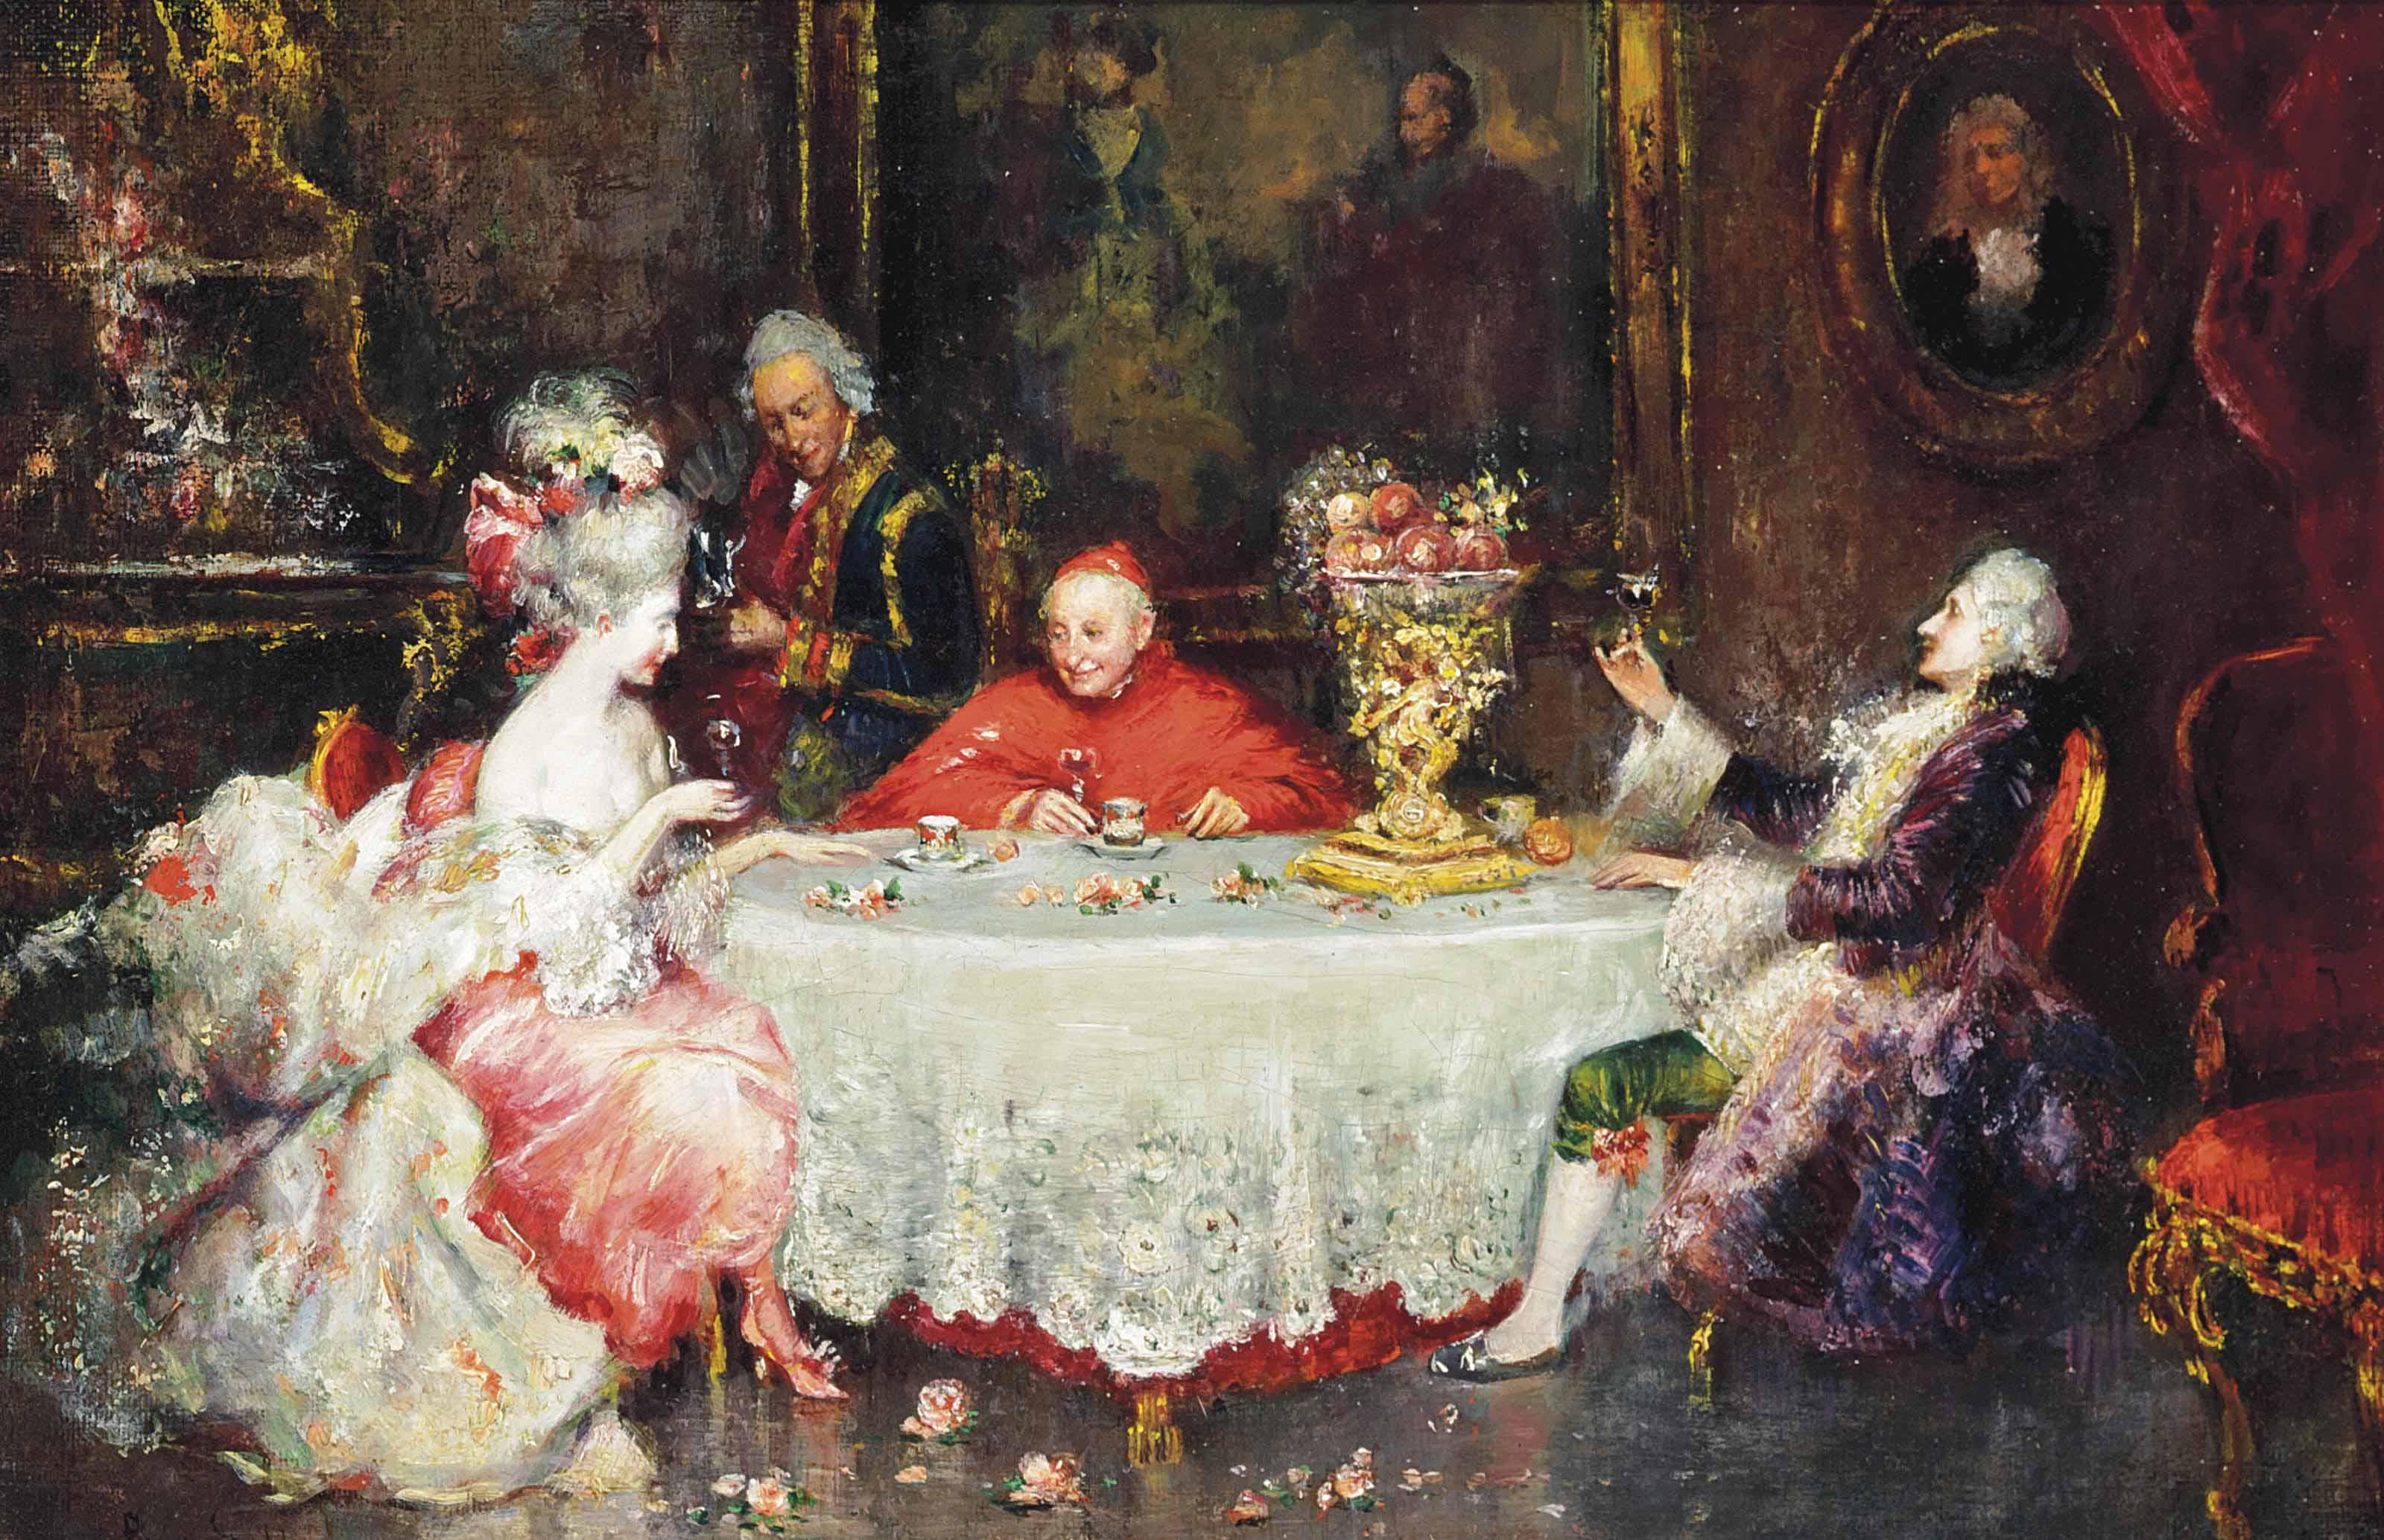 An evening with the Cardinal